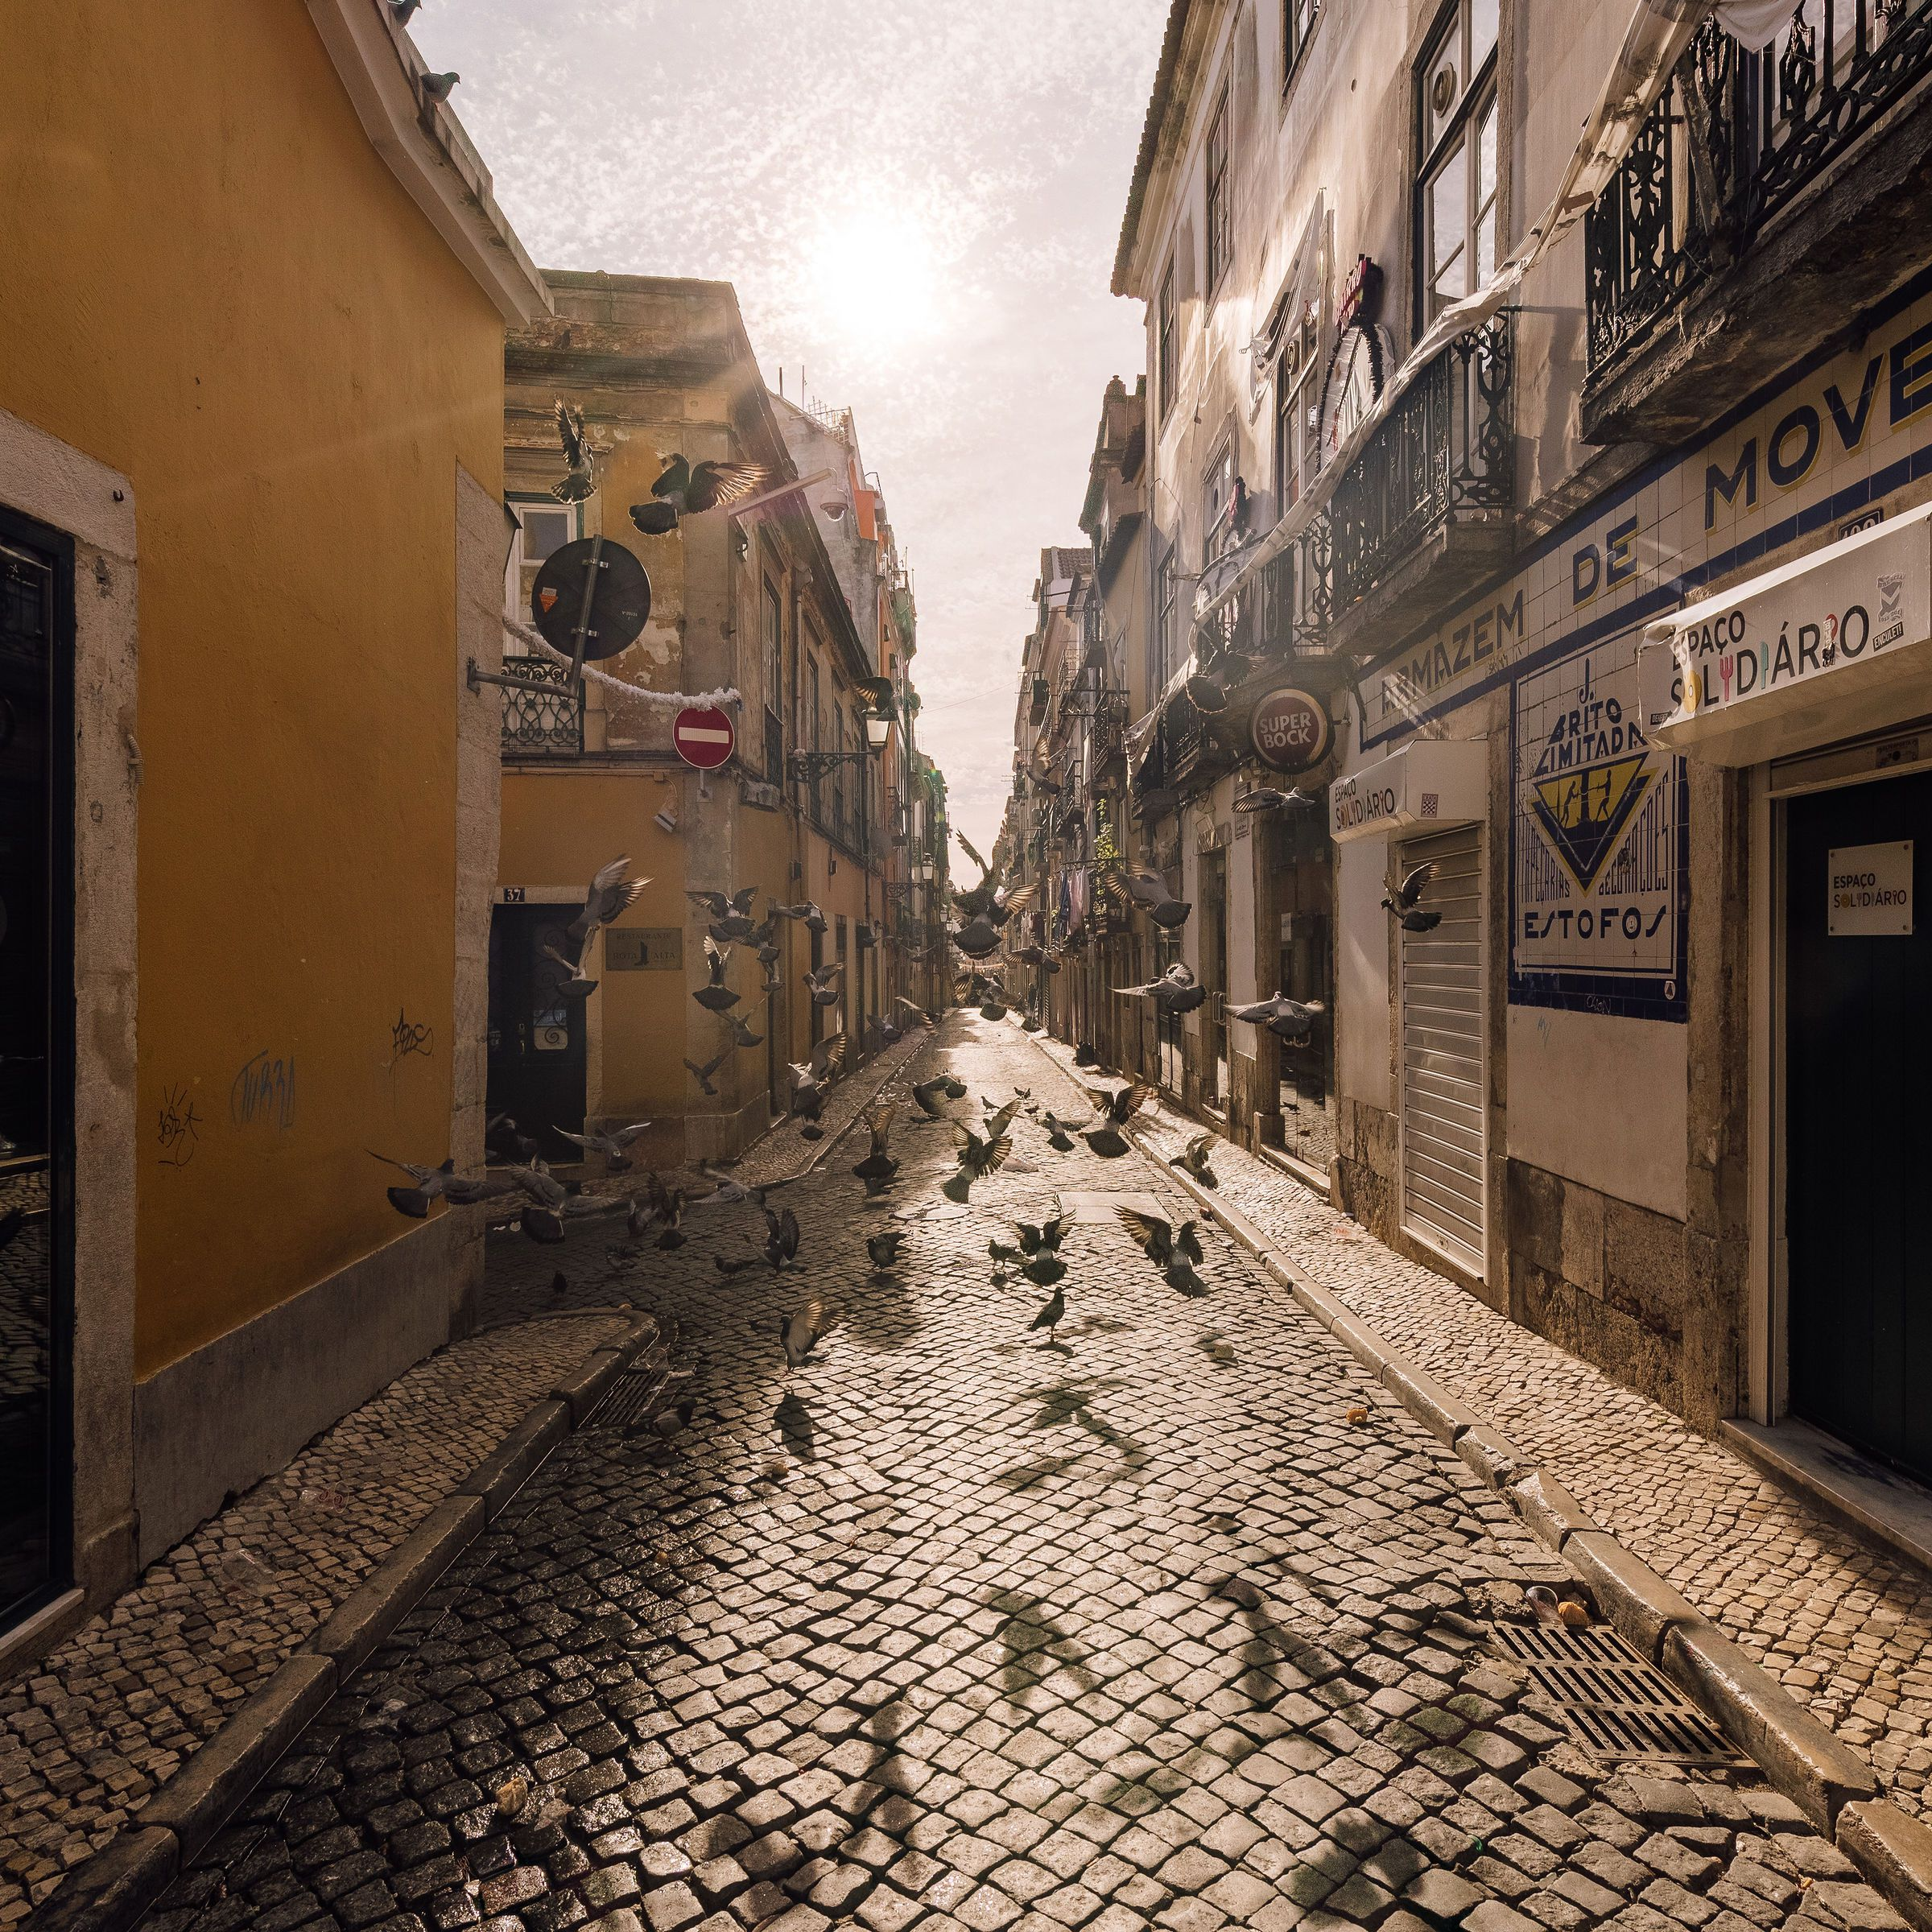 A cobblestone street in Barrio Alto